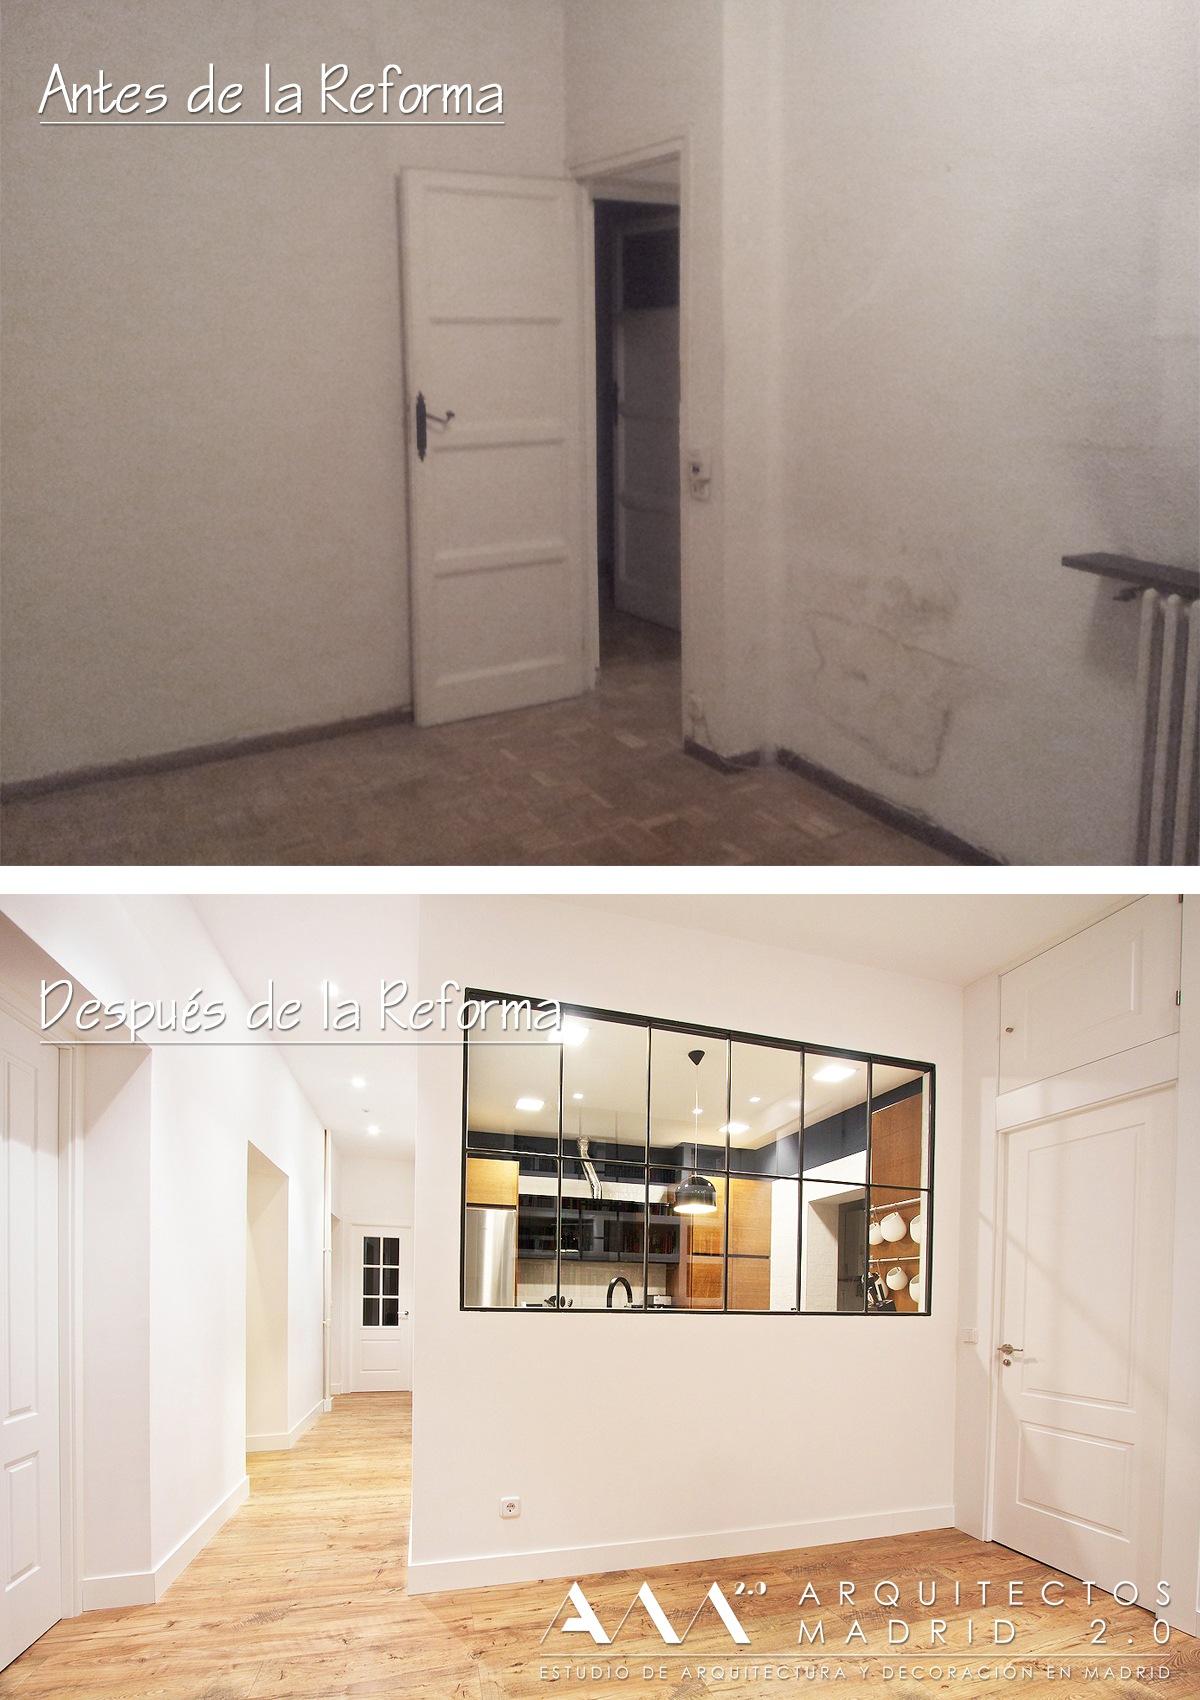 reformas-viviendas-ideas-antes-despues-pisos-casas-obras-15